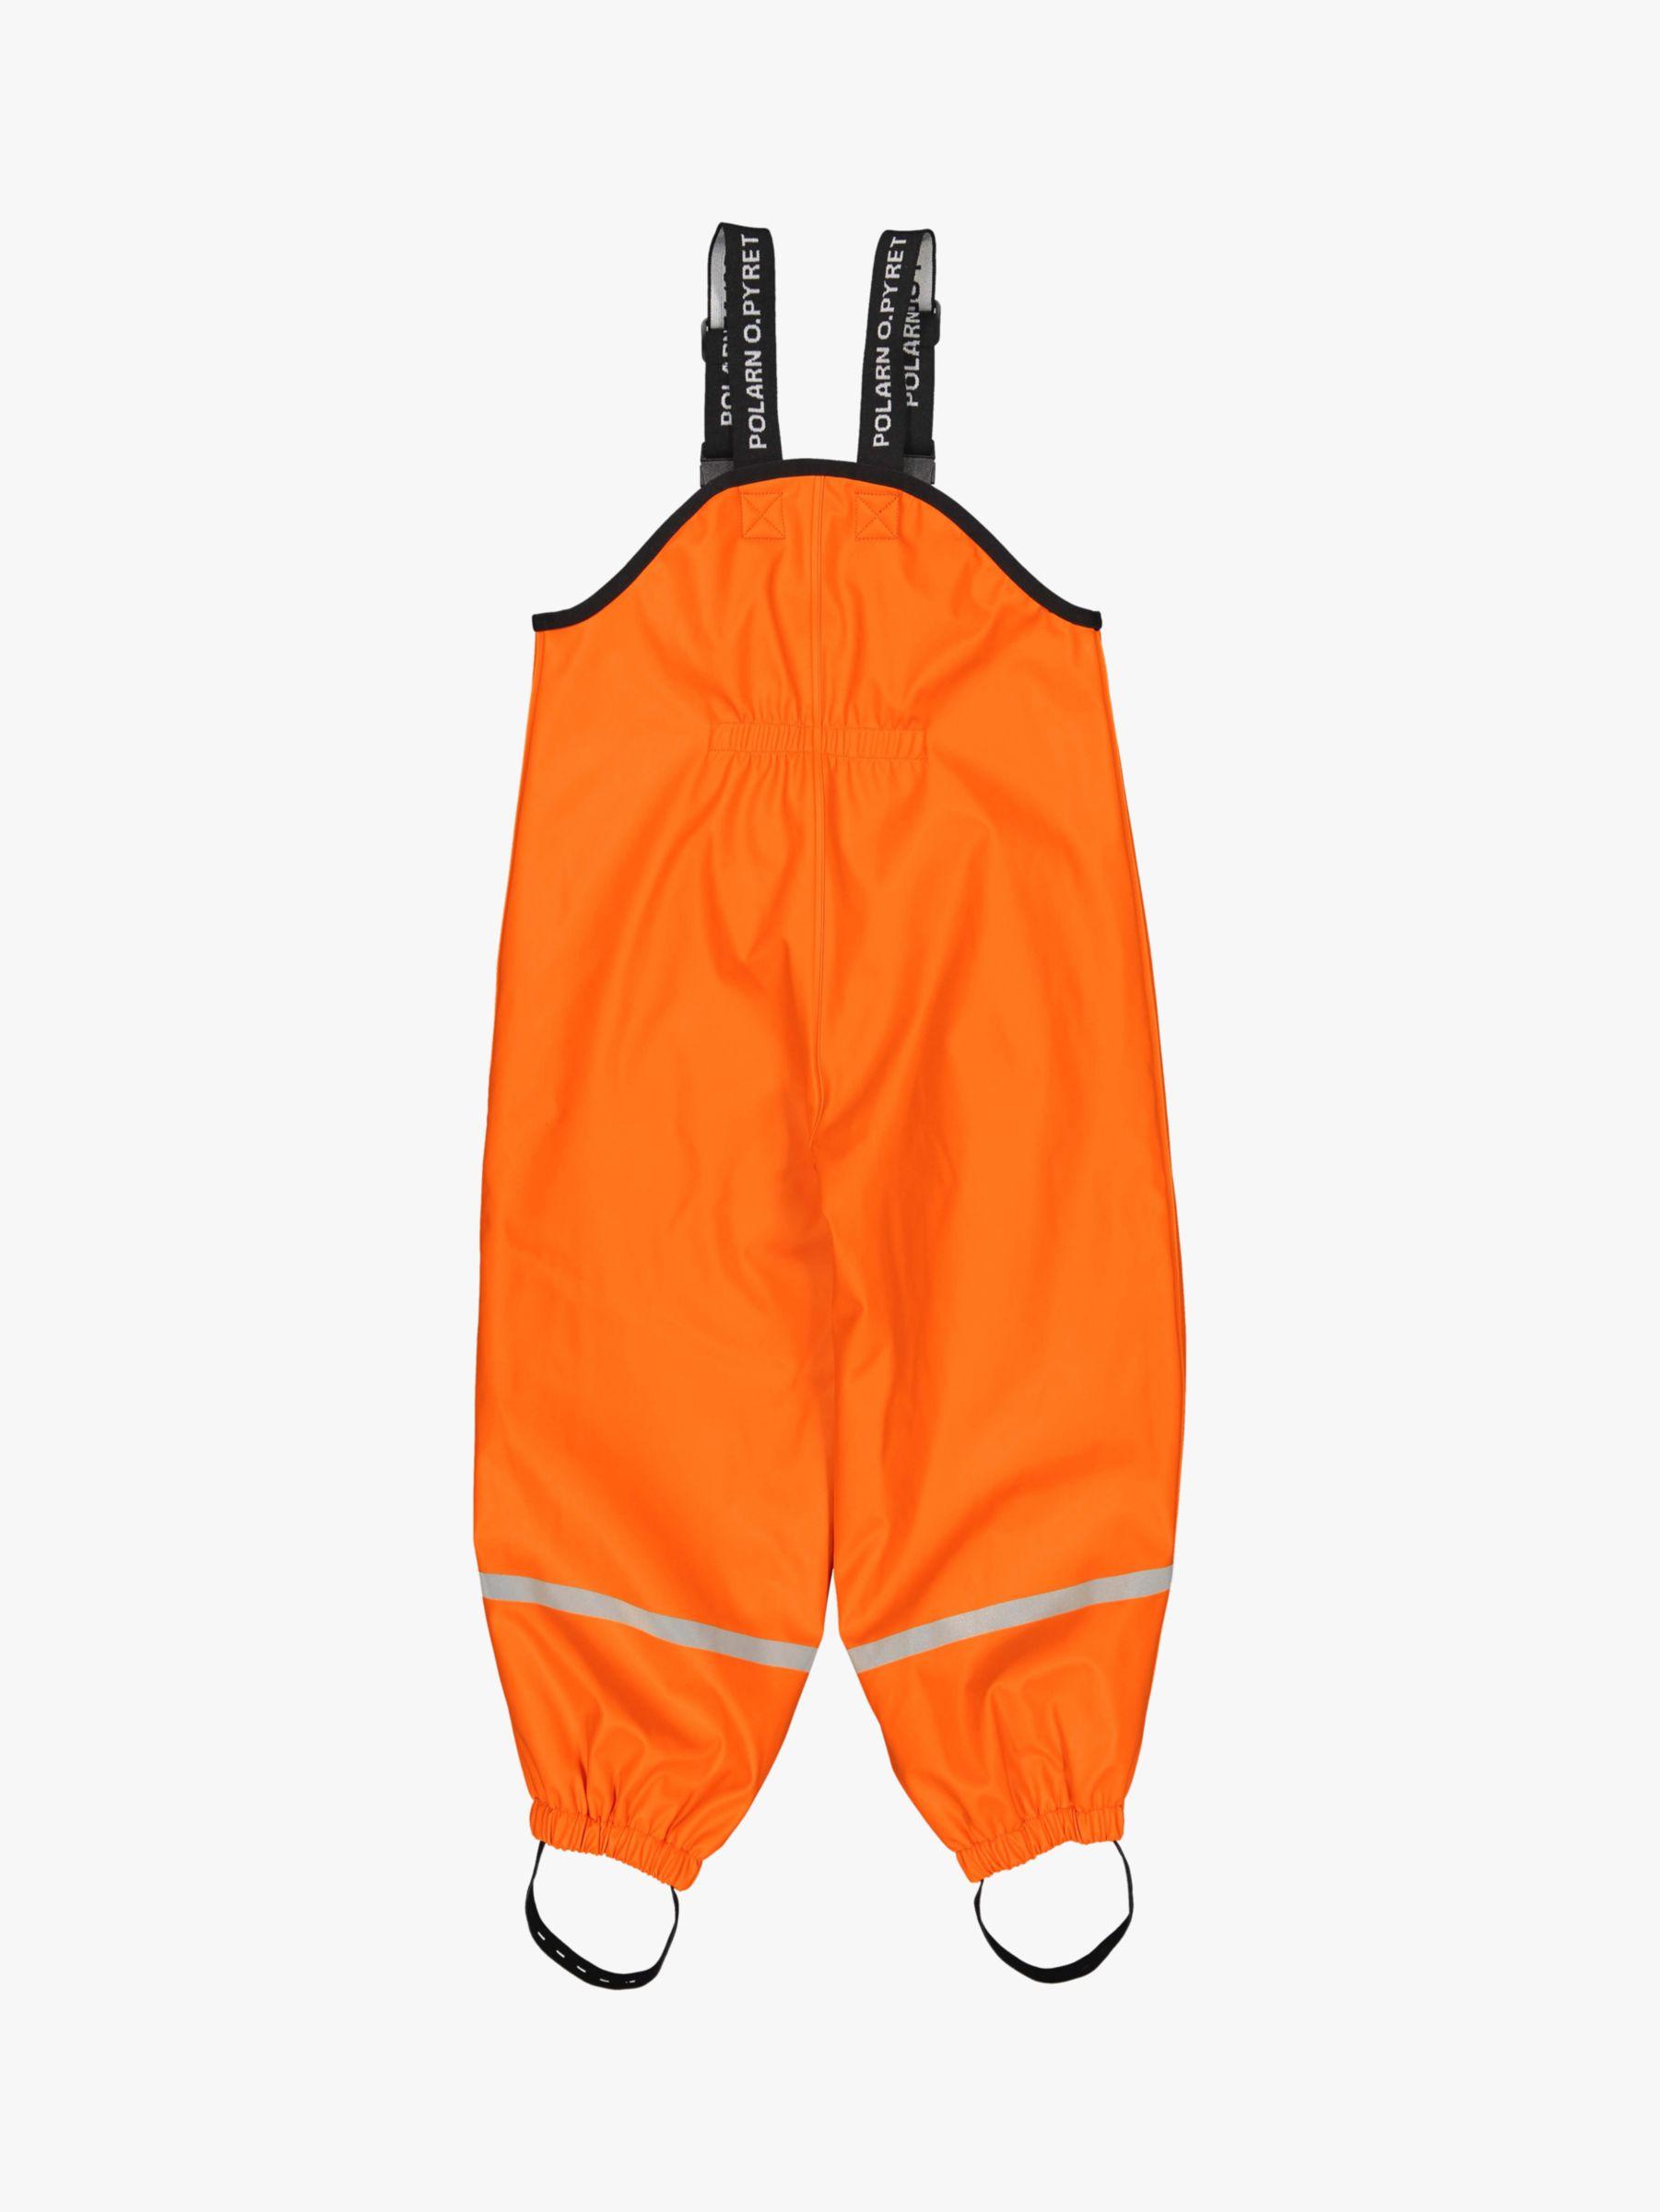 Polarn O. Pyret Polarn O. Pyret Children's Rain Trousers, Orange